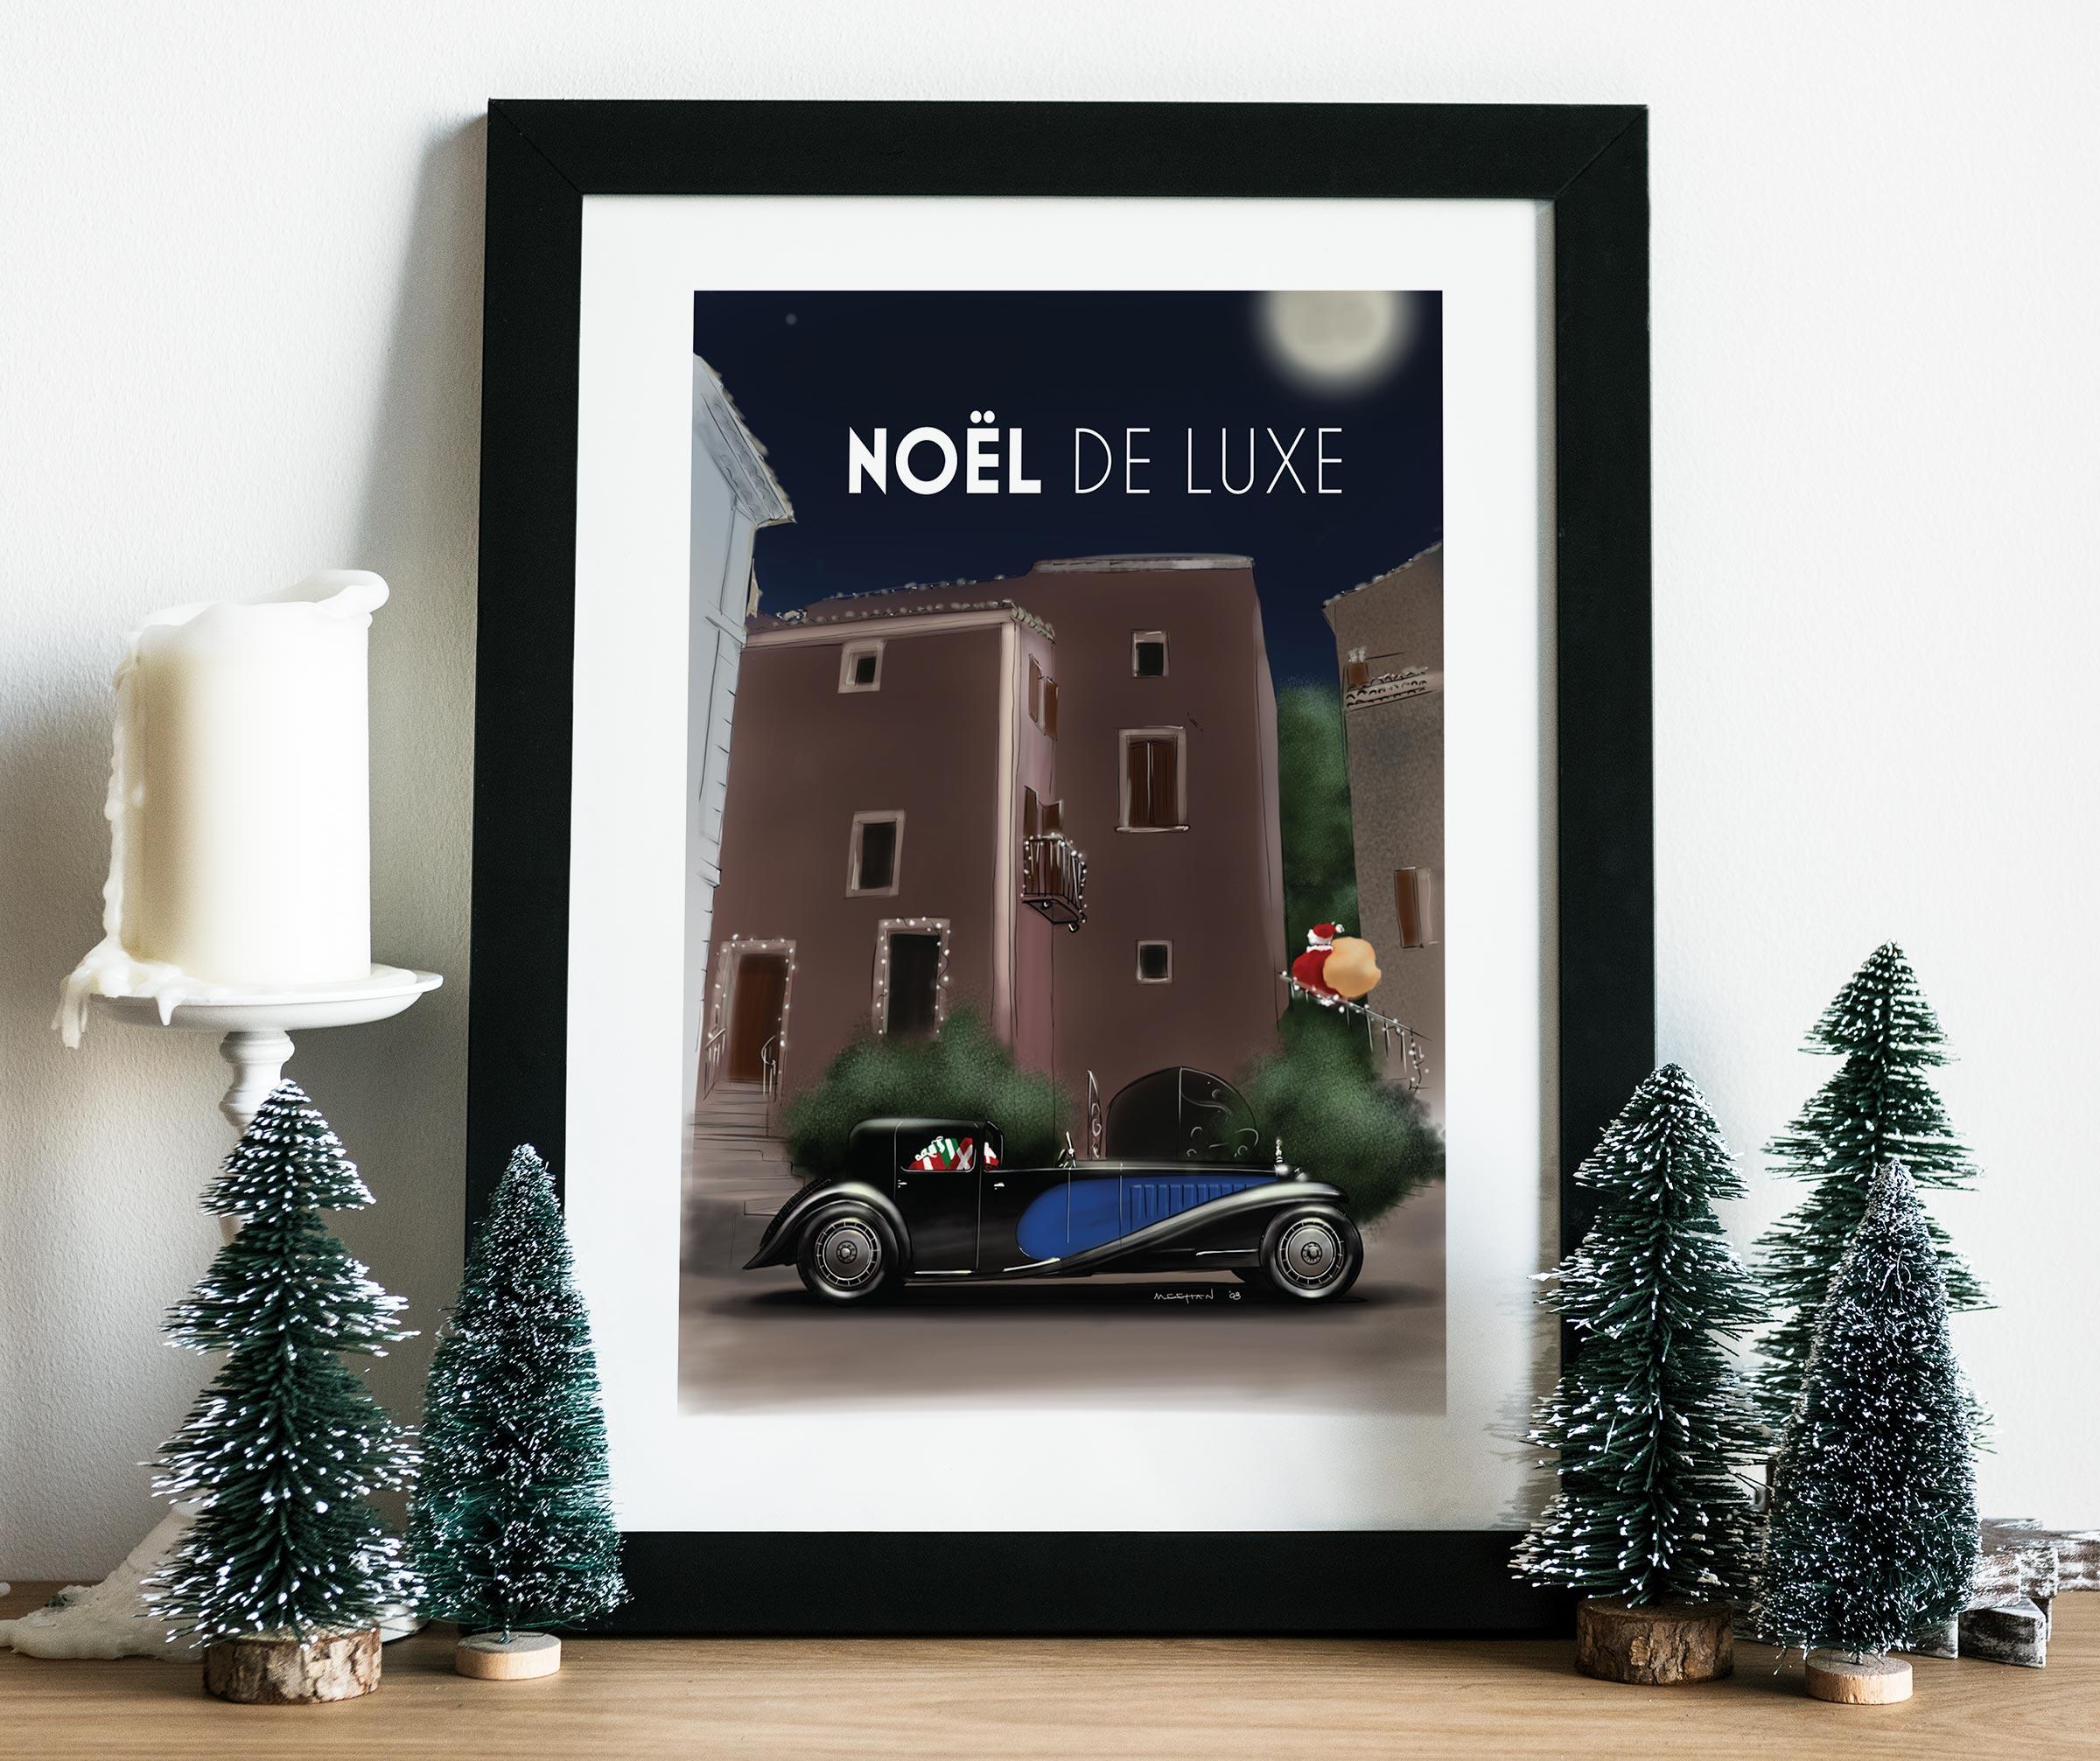 2008 Christmas Poster mockup